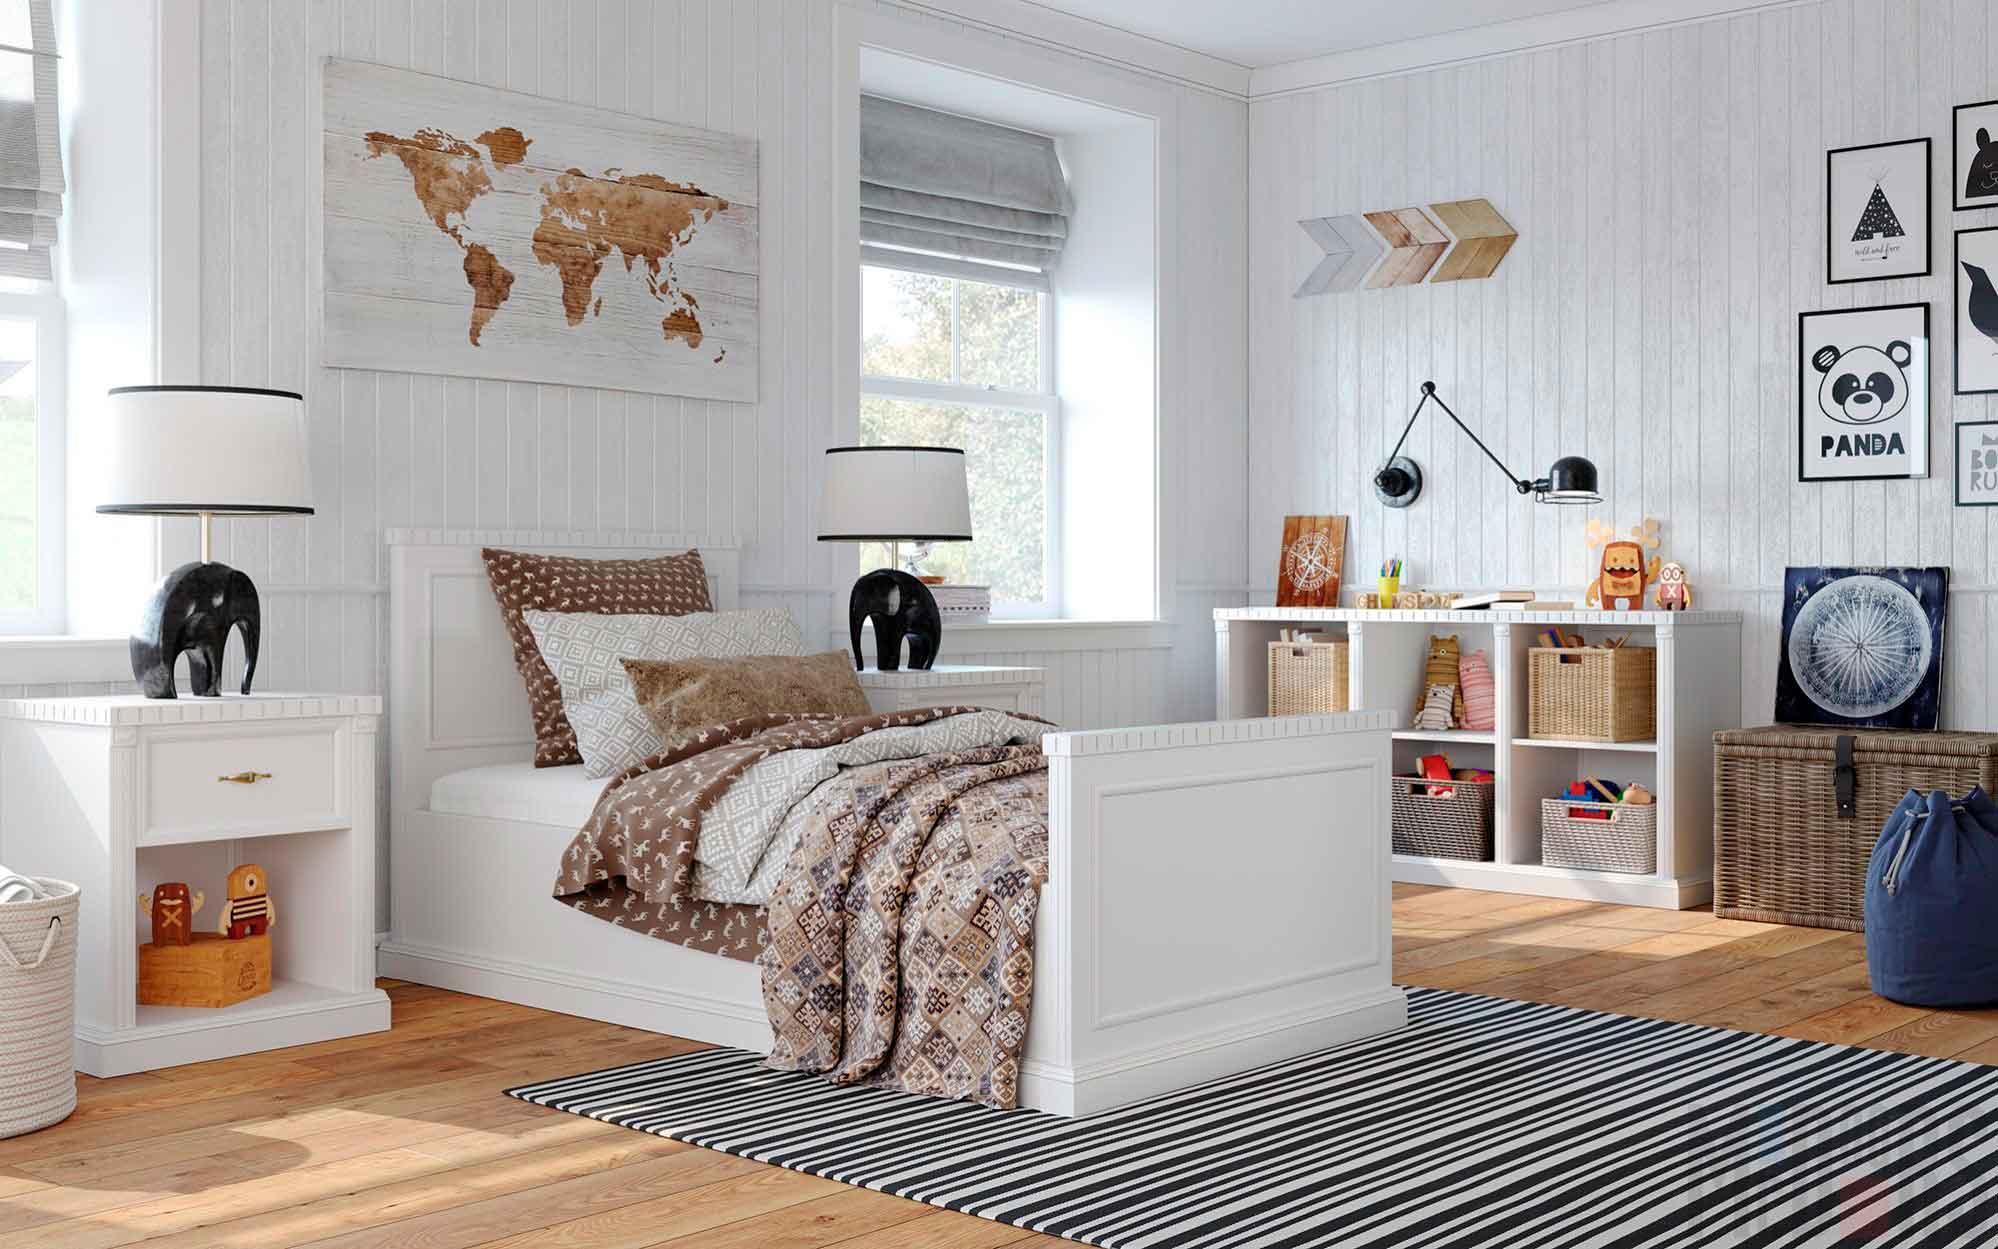 detskaya1b 055 - Идеи уютных интерьеров квартиры